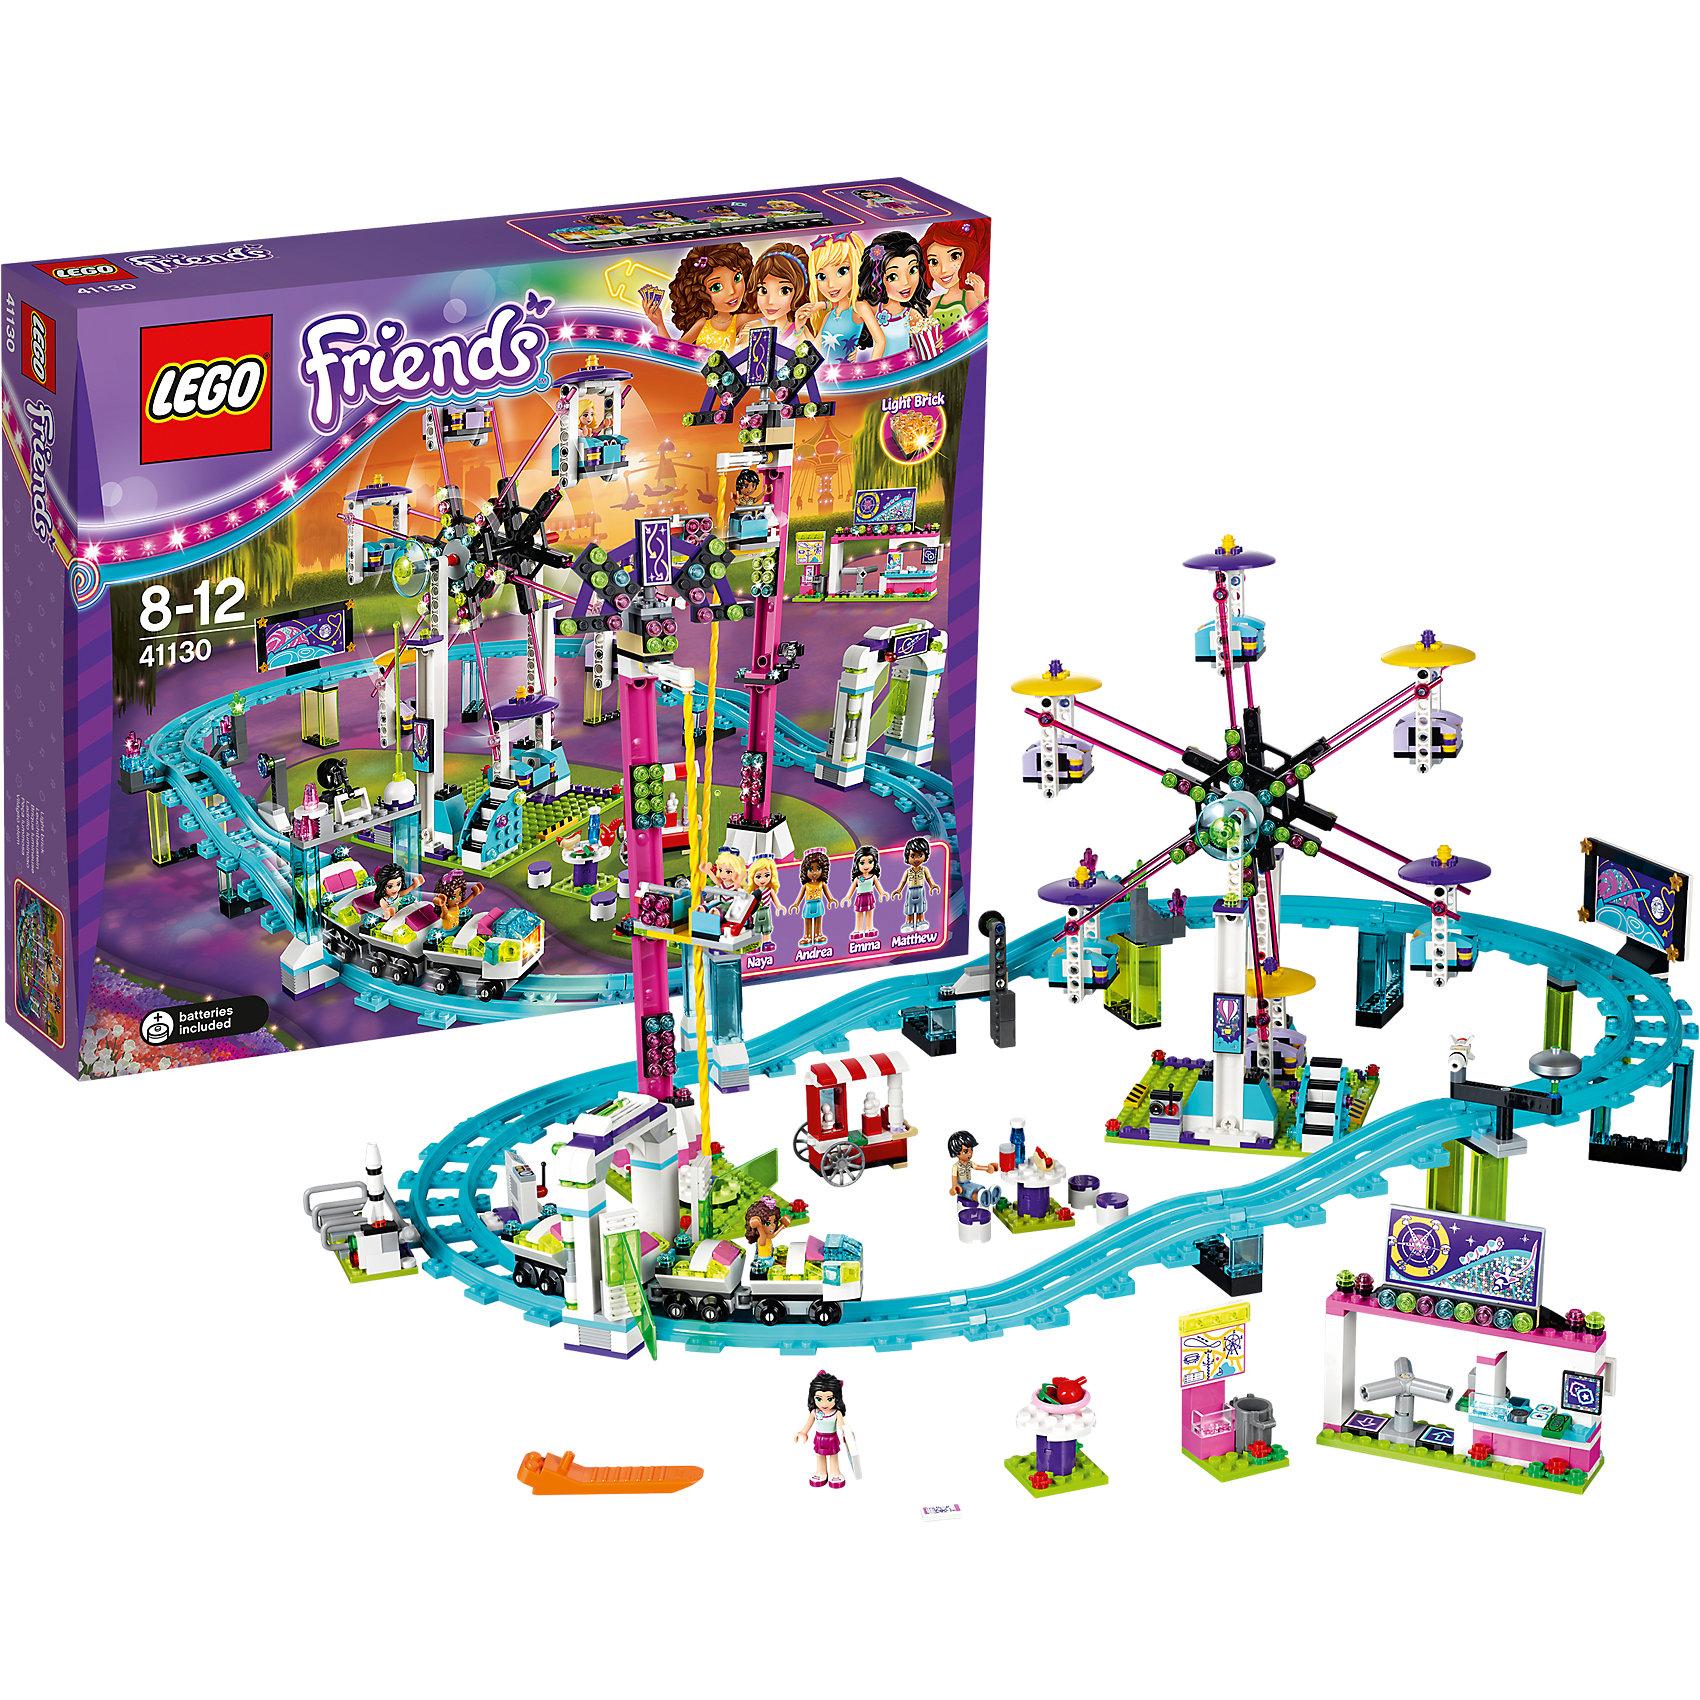 LEGO Friends 41130: Парк развлечений: американские горкиПластмассовые конструкторы<br>Характеристики:<br><br>• Предназначение: набор для конструирования, сюжетно-ролевые игры<br>• Пол: для девочек<br>• Материал: пластик<br>• Цвет: бирюзовый, желтый, зеленый, сиреневый, белый, черный<br>• Серия LEGO: Friends<br>• Размер упаковки (Д*Ш*В): 9,4*37,8*48 см<br>• Вес: 1 кг 620 г<br>• Количество деталей: 1124 шт.<br>• Наличие светового эффекта<br>• Комплектация: детали для колеса обозрения, американских горок, башни свободного падения, кассы с входом и фуд-корта, информационный стенд, 4 мини-фигурки и другие аксессуары<br>• Батарейки: 2 шт. типа LR41 (предусмотрены в комплекте)<br><br>LEGO Friends 41130: Парк развлечений: американские горки – набор от всемирно известного производителя конструкторов для детей всех возрастных категорий. LEGO Creator 31051: Парк развлечений является флагманским набором серии Friends. Элементы конструктора позволяют сконструировать парк с различными аттракционами: колесо обозрения, американские горки, башня свободного падения. Колесо обозрения вращается, оснащено шестью кабинками. Разнообразие и богатство элементов позволят воссоздавать юному конструктору атрибуты городского парка развлечений: тележка с мороженым, фуд-корт, где можно перекусить хот-догами и фруктами. В комплекте предусмотрена яркая инструкция, которая научит вашего ребенка действовать по образцу. Набор оснащен светодиодным блоком, который светится при запуске аттракциона с горками.<br>Игры с конструкторами LEGO развивают усидчивость, внимательность, мелкую моторику рук, способствуют формированию конструкторского мышления. С набором LEGO Friends 41130: Парк развлечений: американские горки ваш ребенок сможет придумывать целые сюжетные истории, развивая тем самым воображение и обогащая свой словарный запас. <br><br>LEGO Friends 41130: Парк развлечений: американские горки можно купить в нашем интернет-магазине.<br><br>Ширина мм: 473<br>Глубина мм: 372<br>Высота мм: 97<br>Вес г: 169